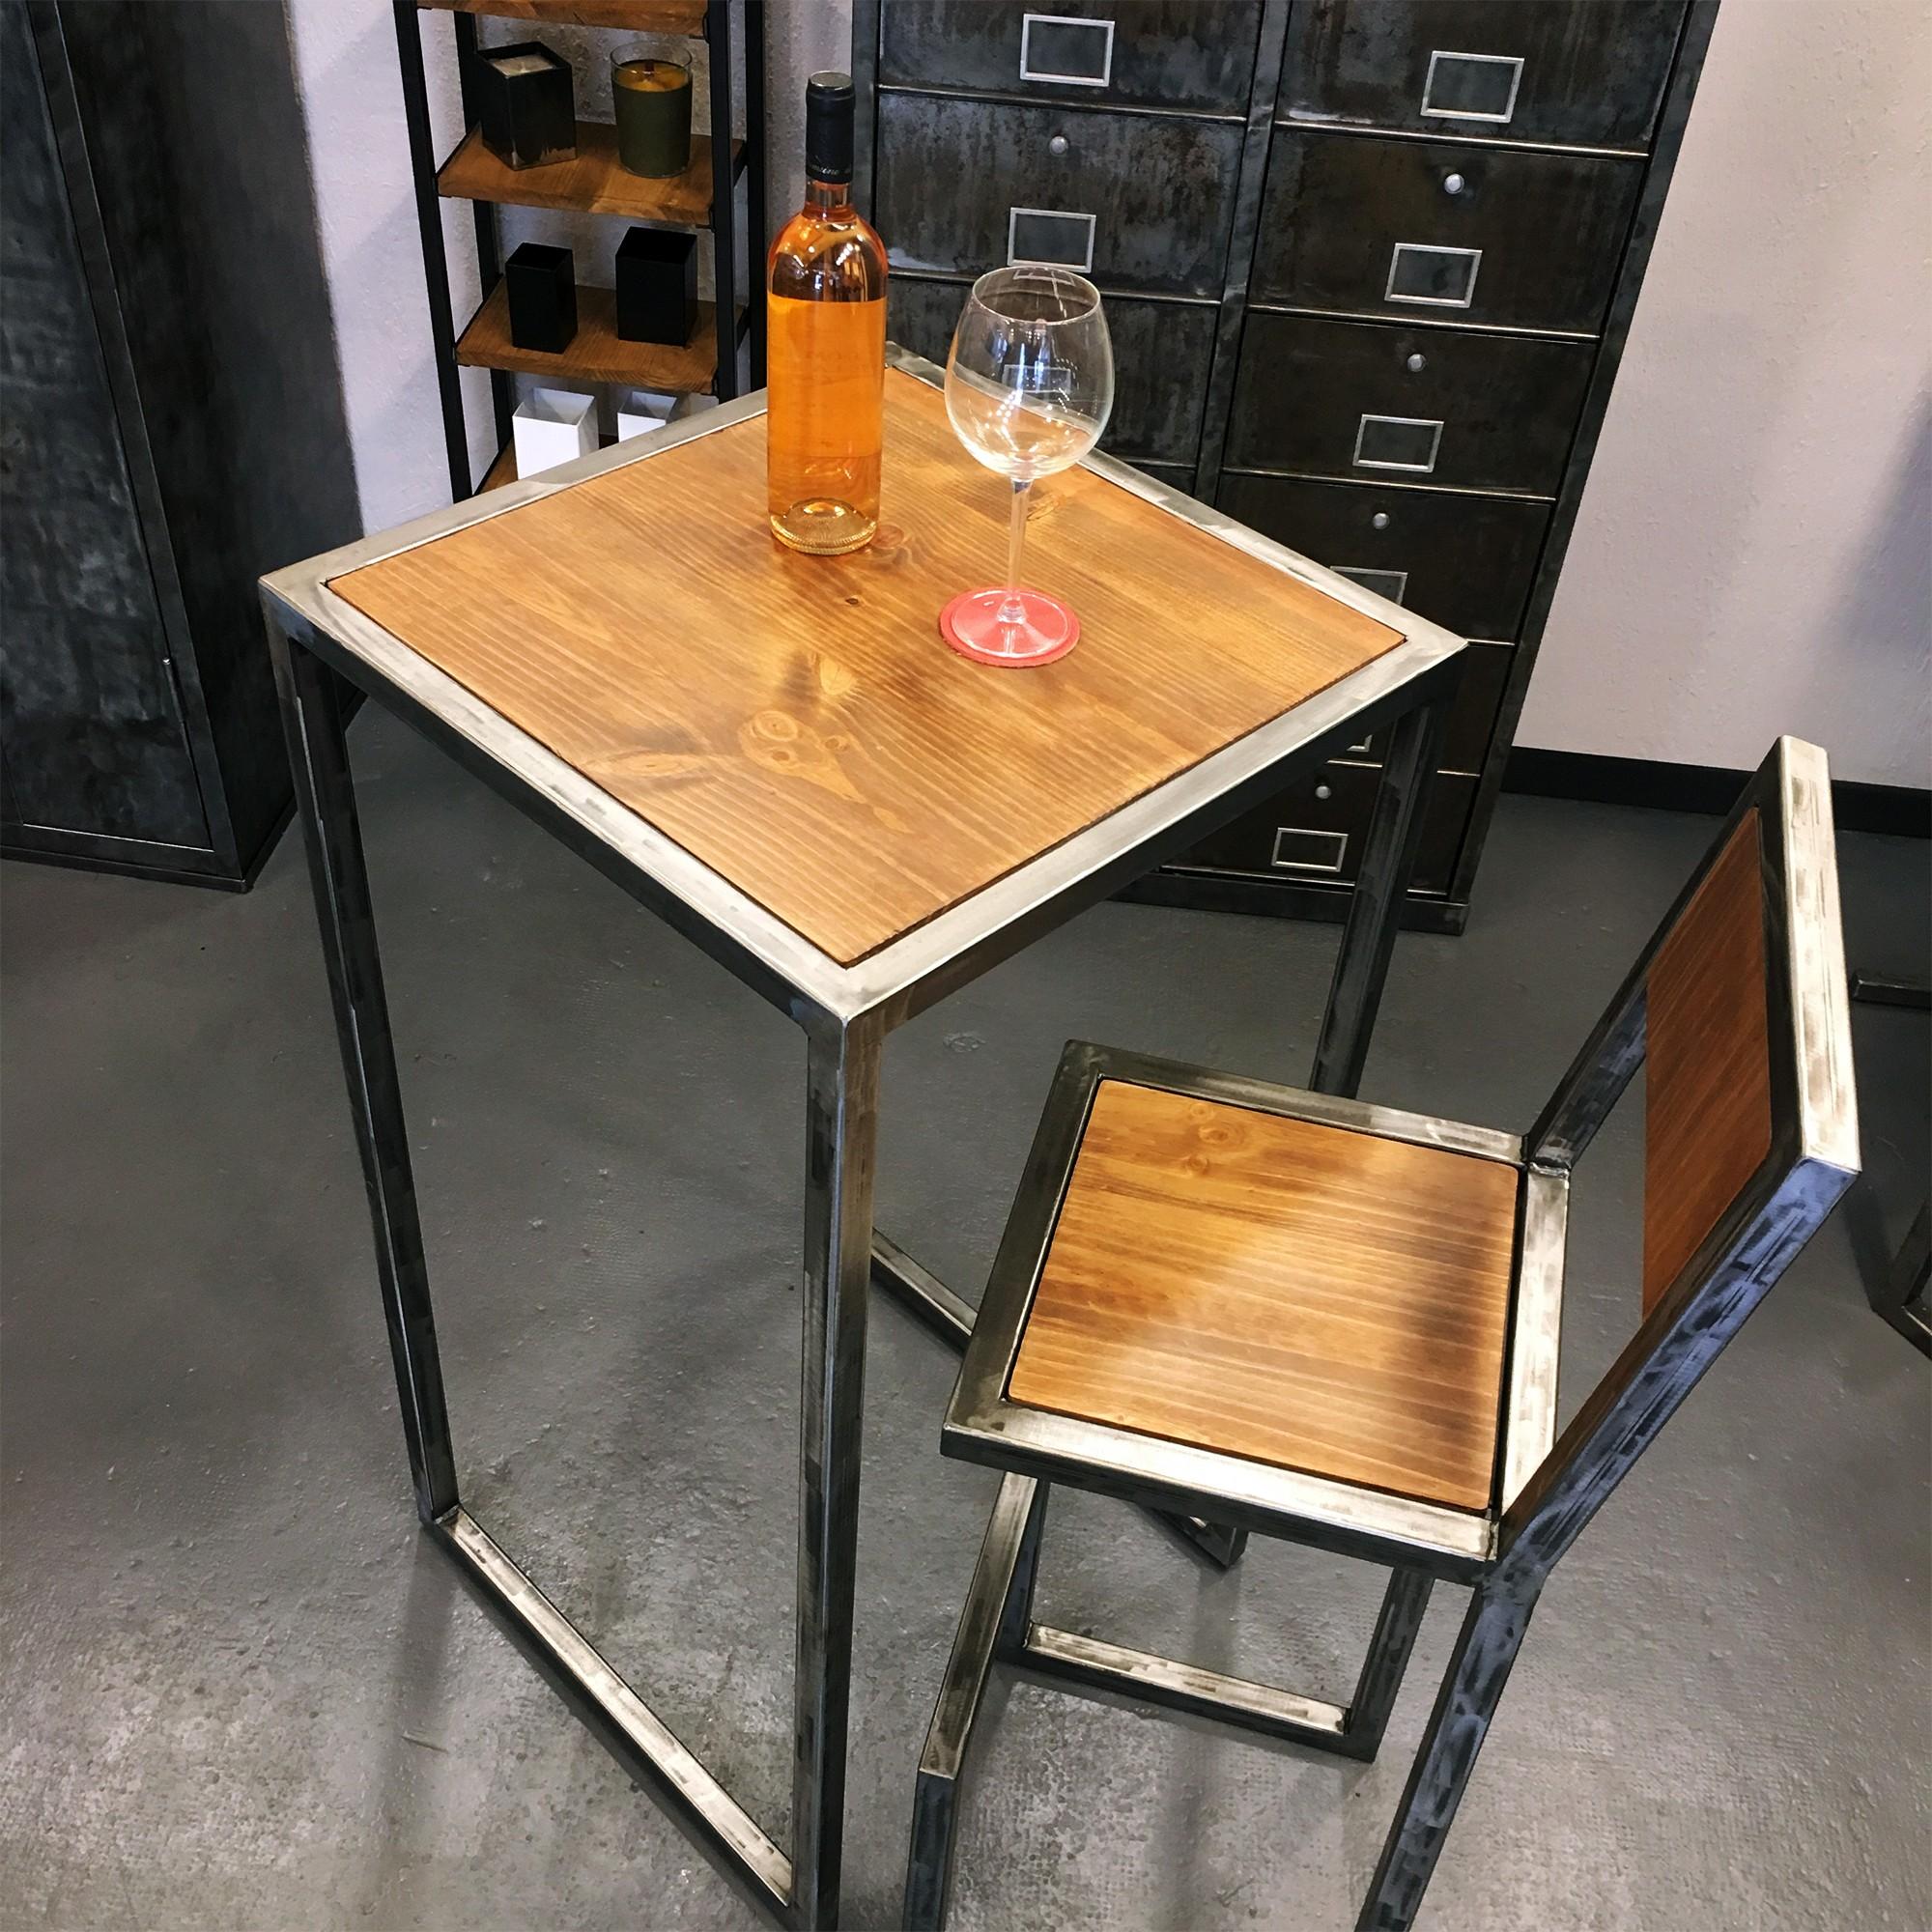 Fabriquer Une Table Haute En Bois table haute en acier et bois - fabrication française - sur